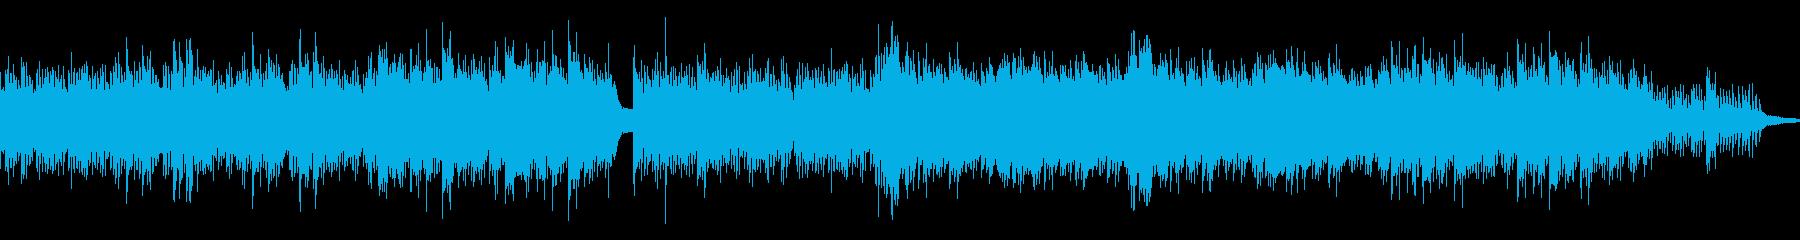 ループ CMや映像作品に 静寂を感じるの再生済みの波形